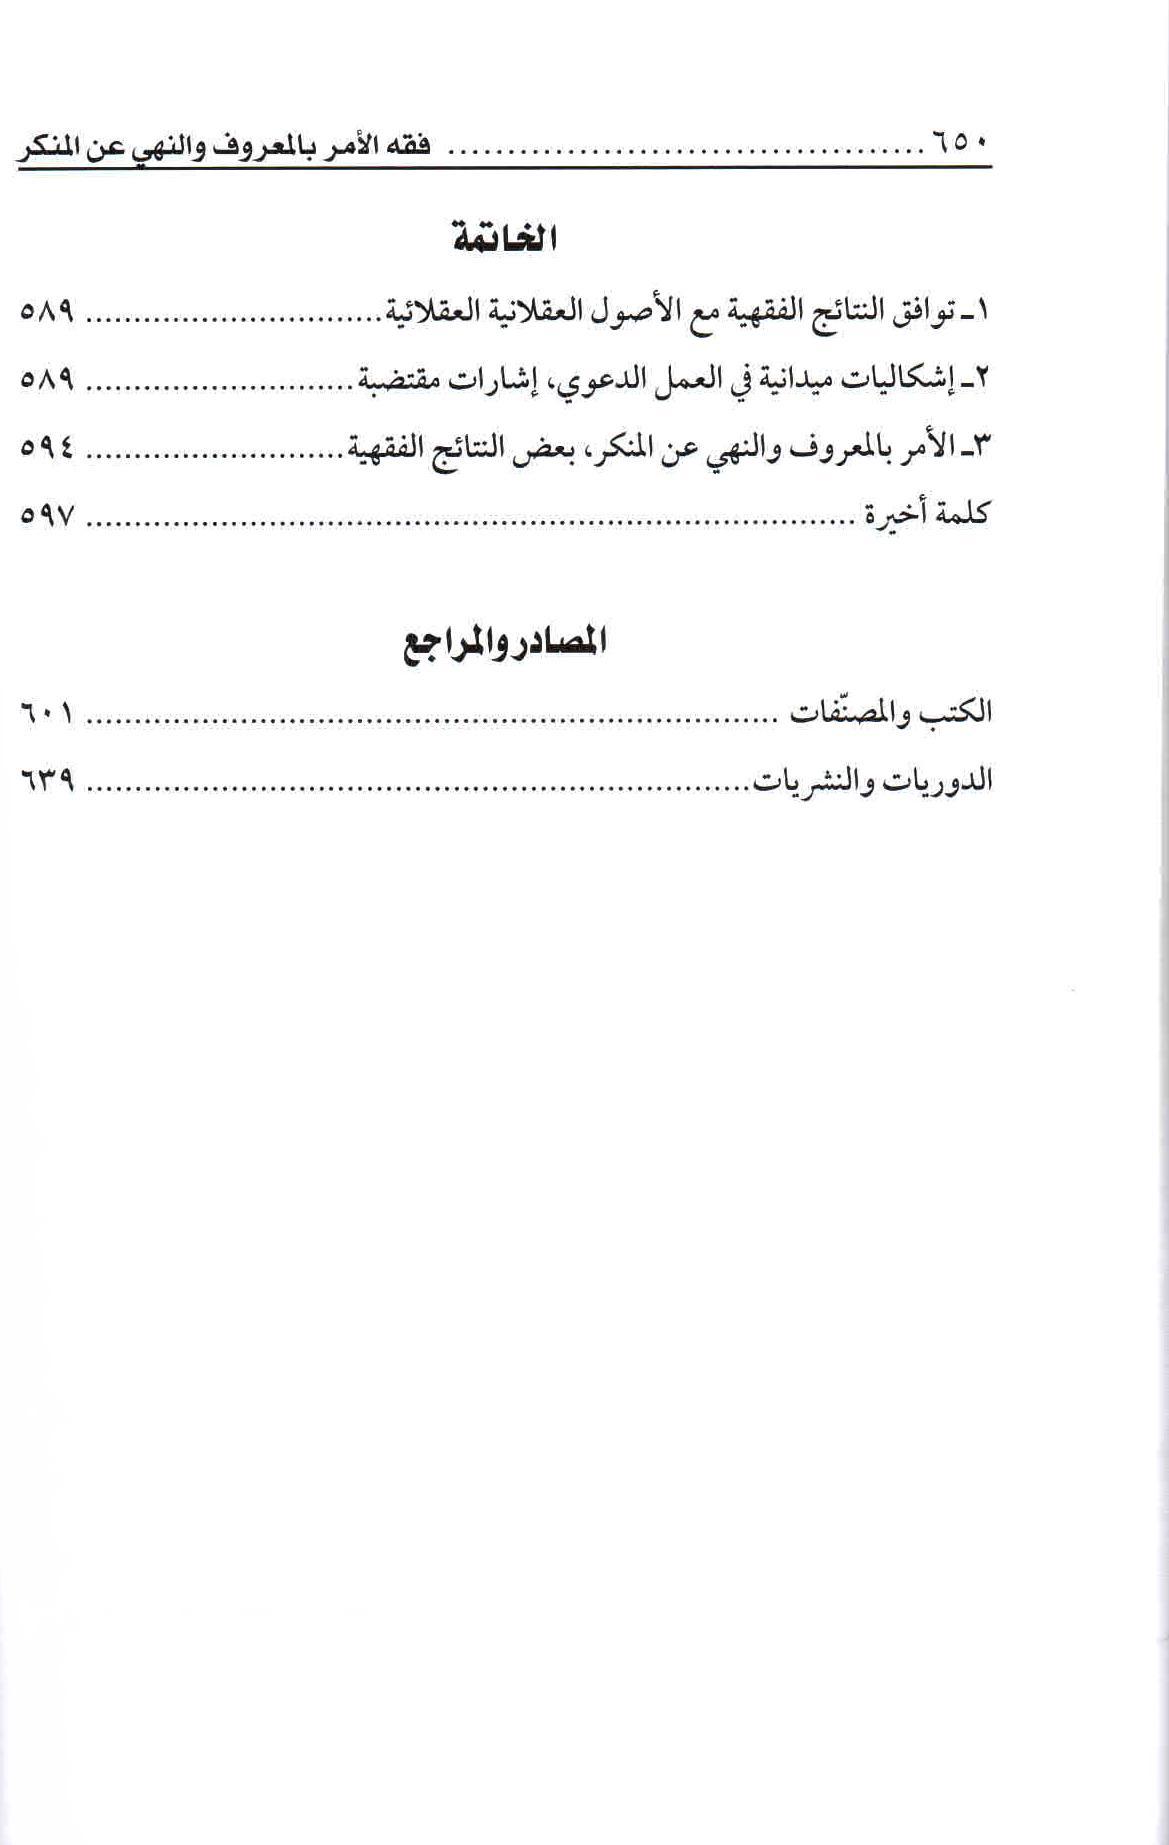 ص 650 محتويات كتاب فقه الأمر بالمعروف والنهي عن المنكر